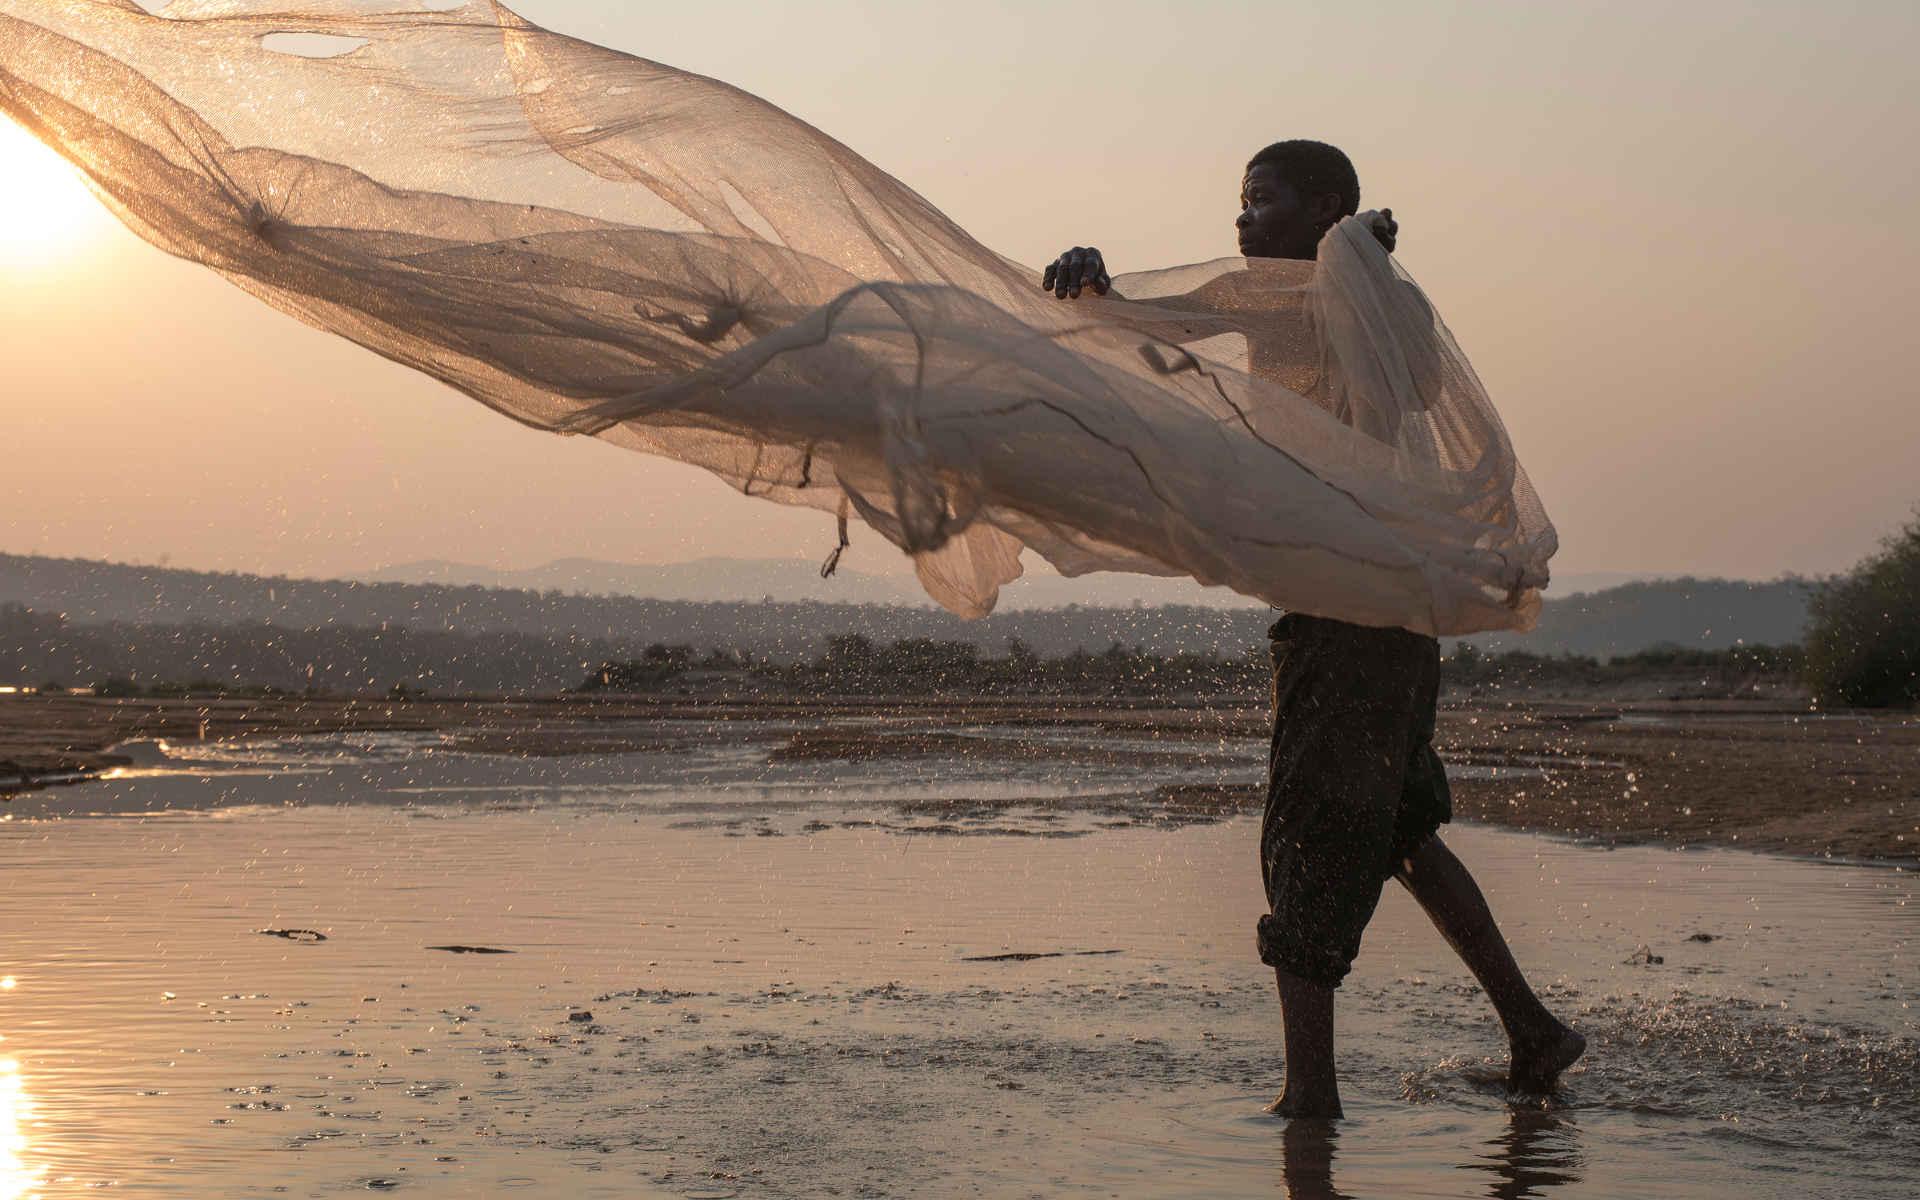 Fischfang: Fischer in sambia wirft sein netz aus